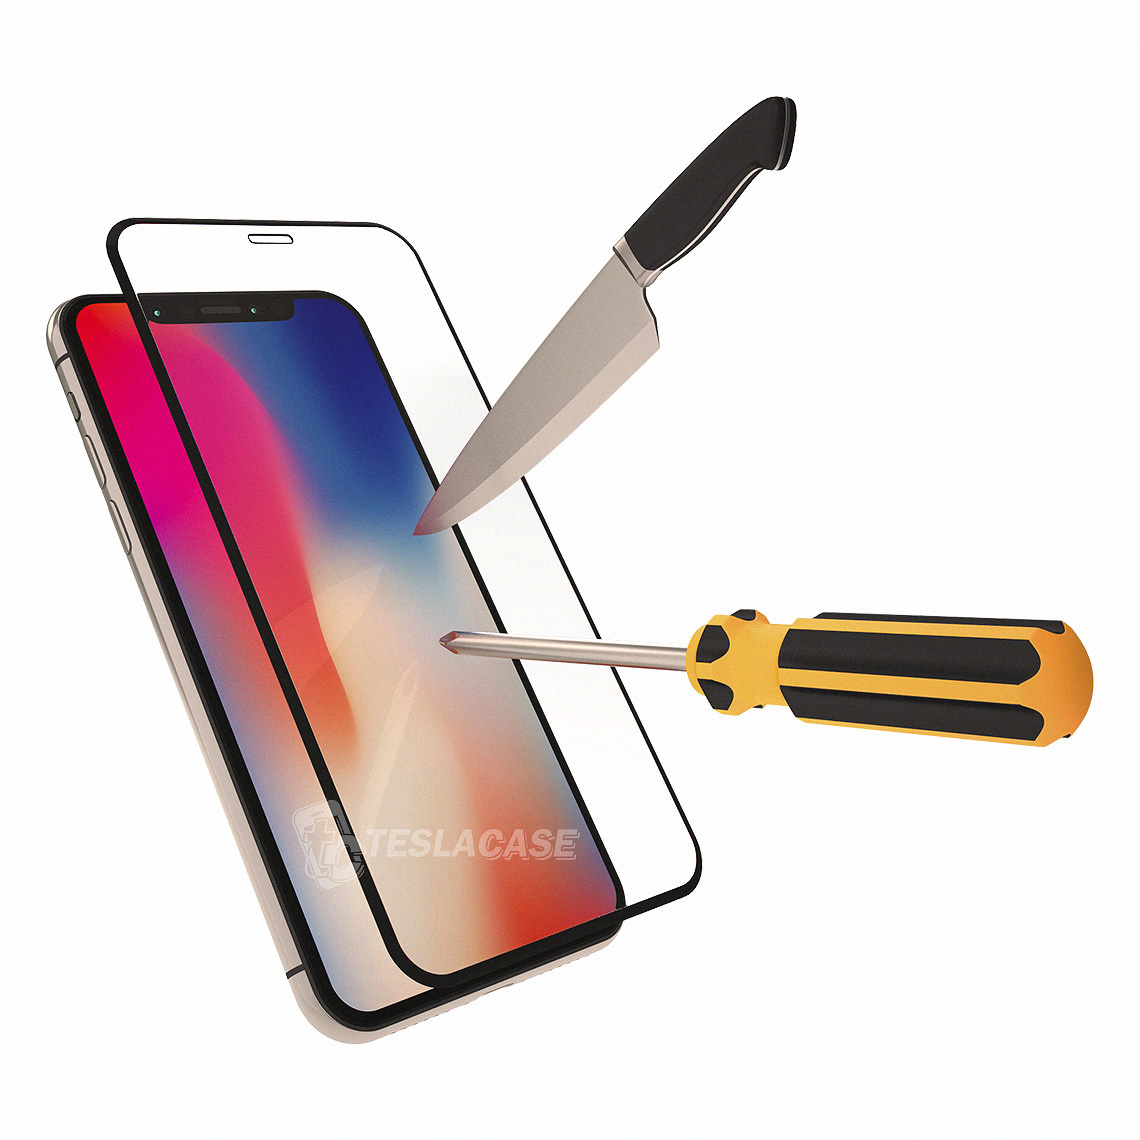 d2b36a28618 iPhone X Lamina De Vidrio Templado 5D Full Cover Curvo Glass Tempered